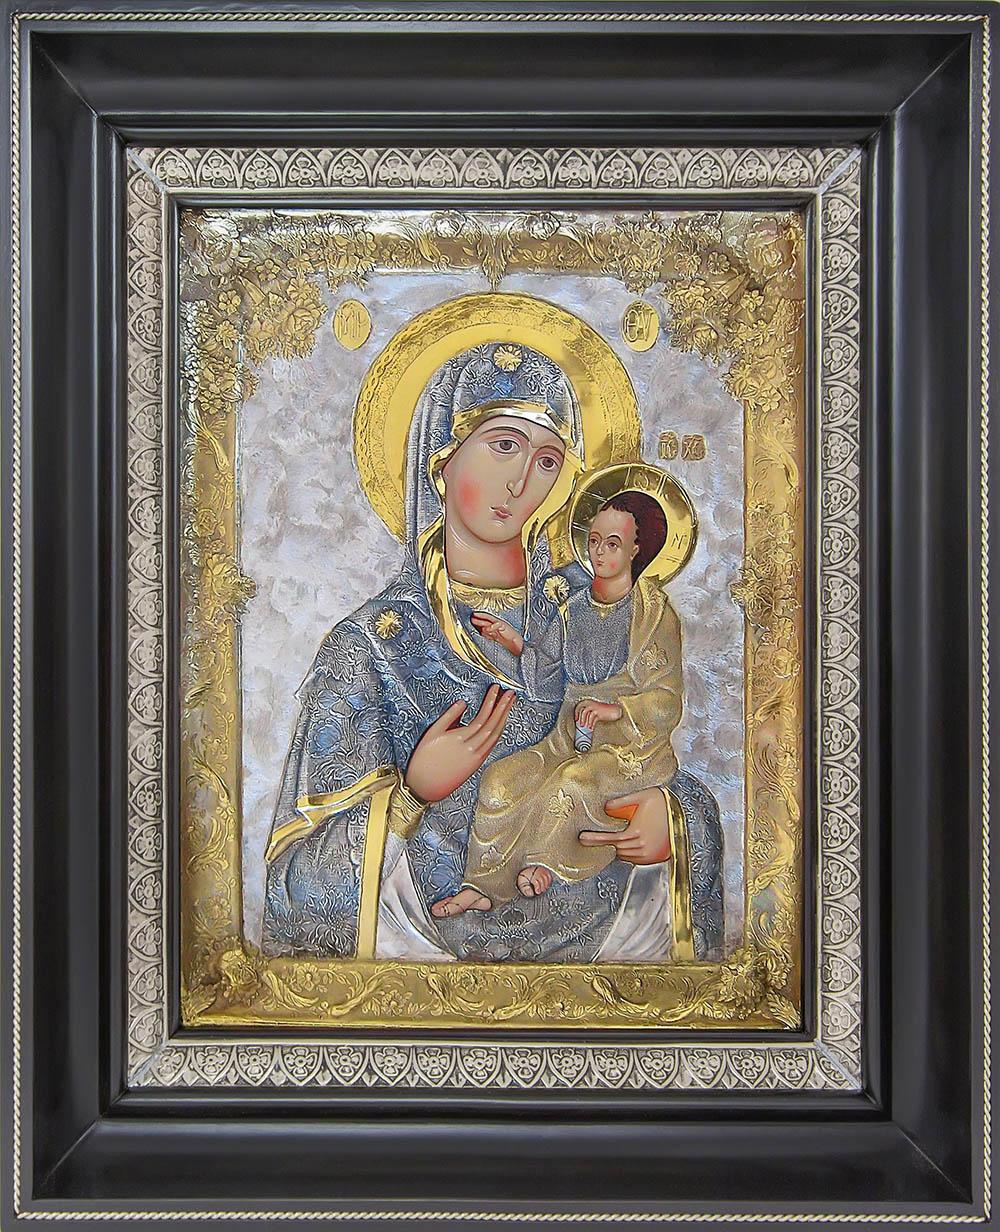 фото Иверская икона Божией Матери гальванопластика золото серебро деревянная рама